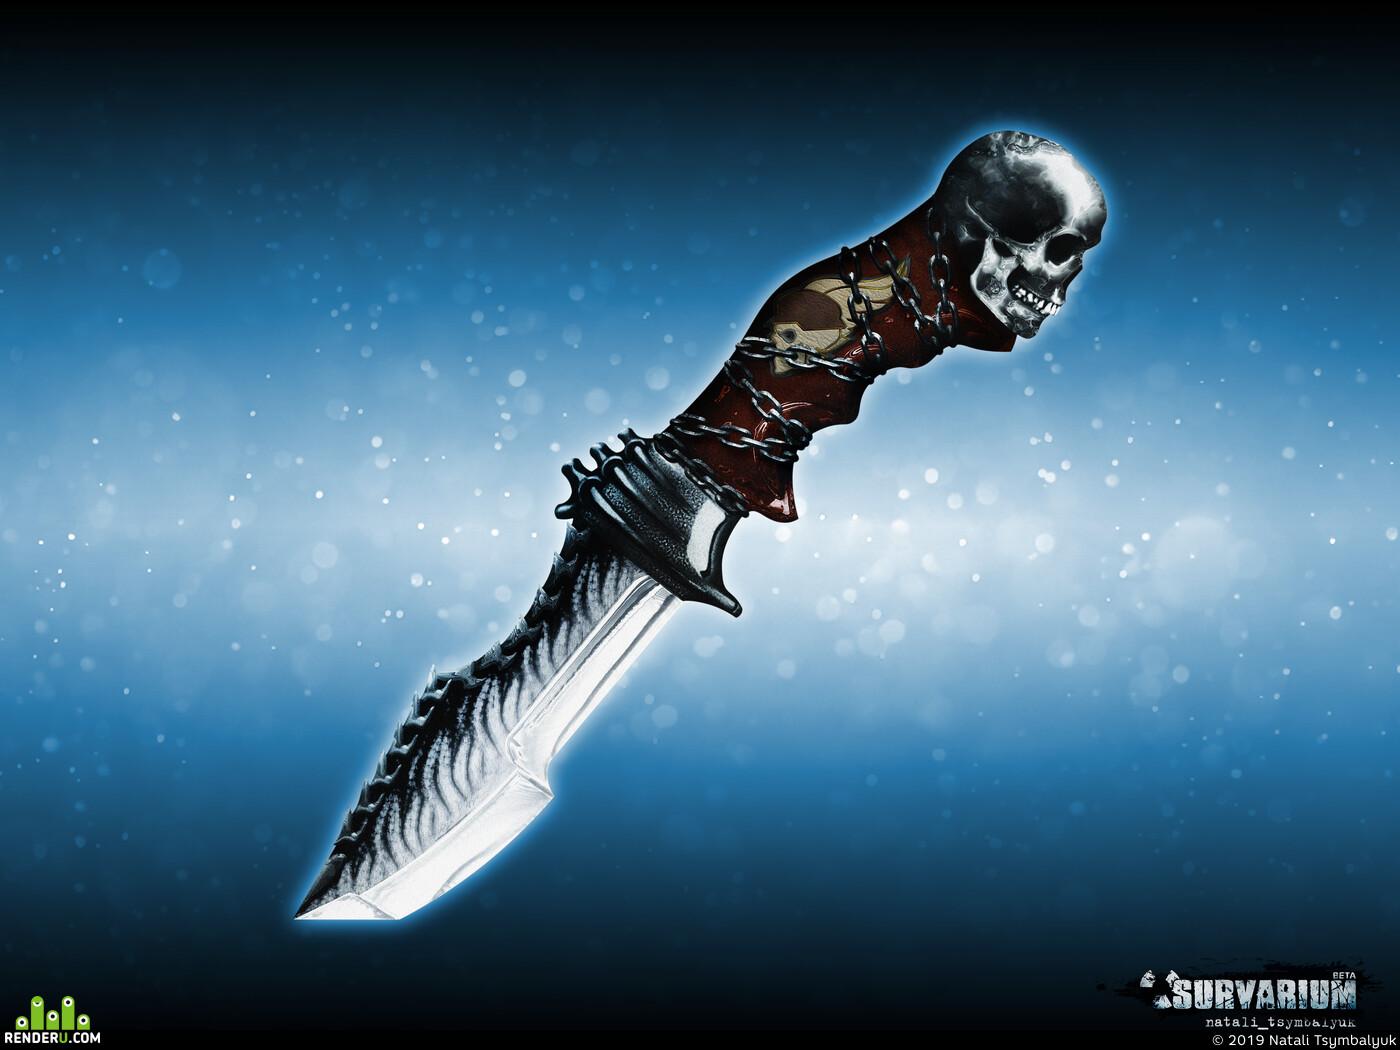 нож, дизайн, концепт, арт, череп, цепи, холодное оружие